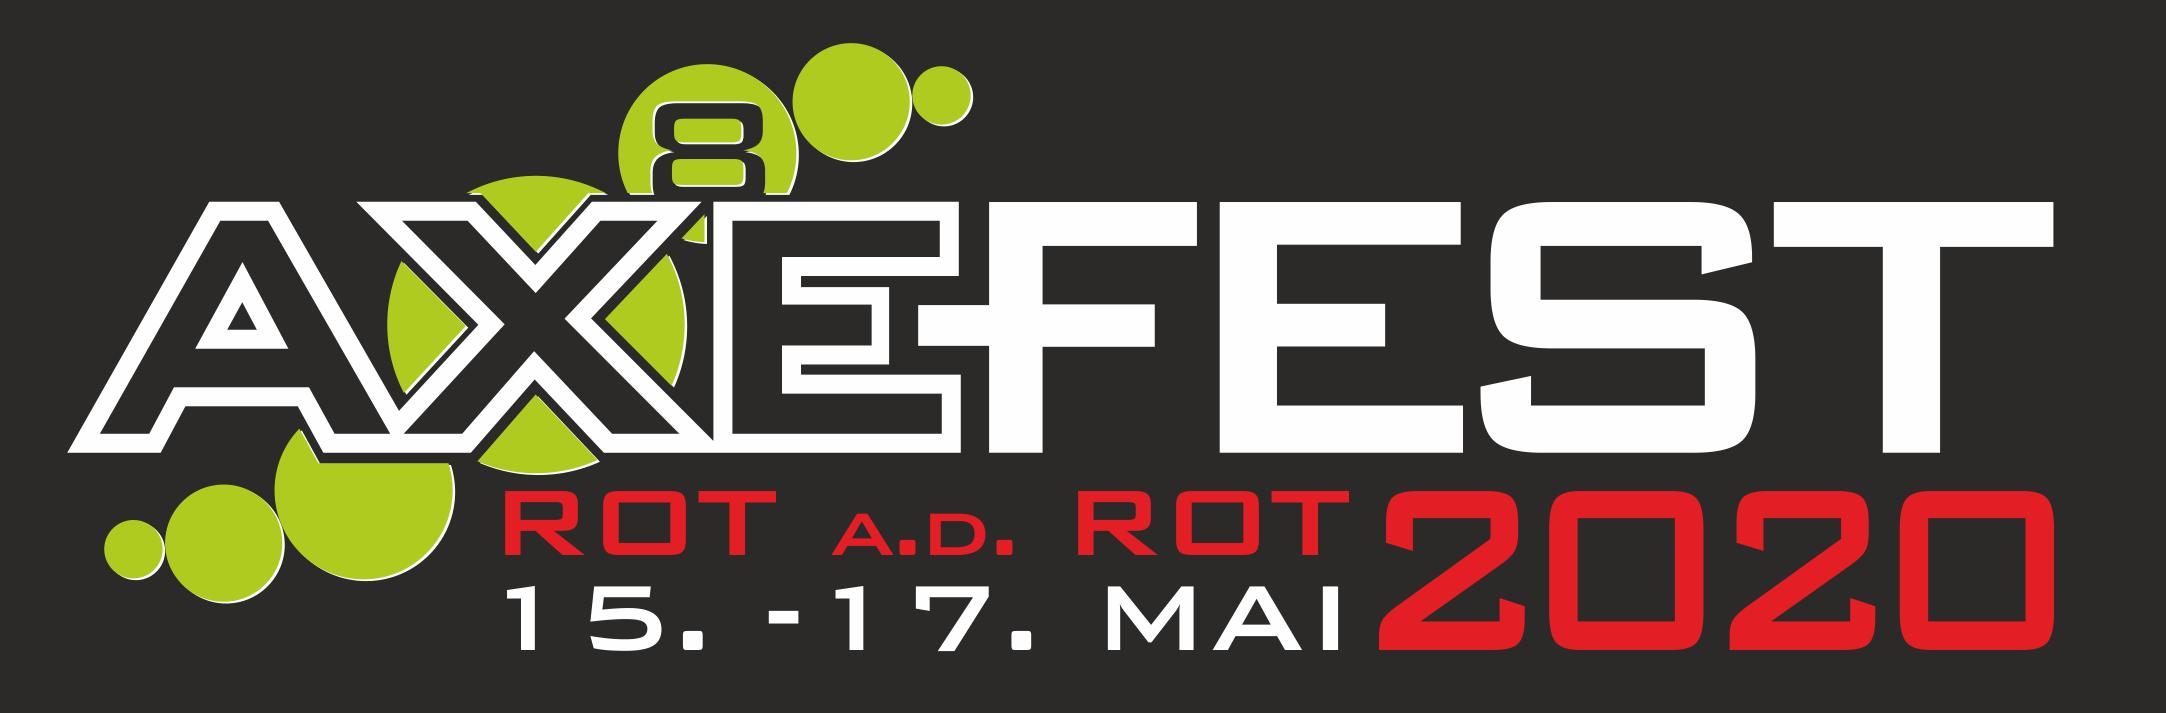 Axe-Fest 2020